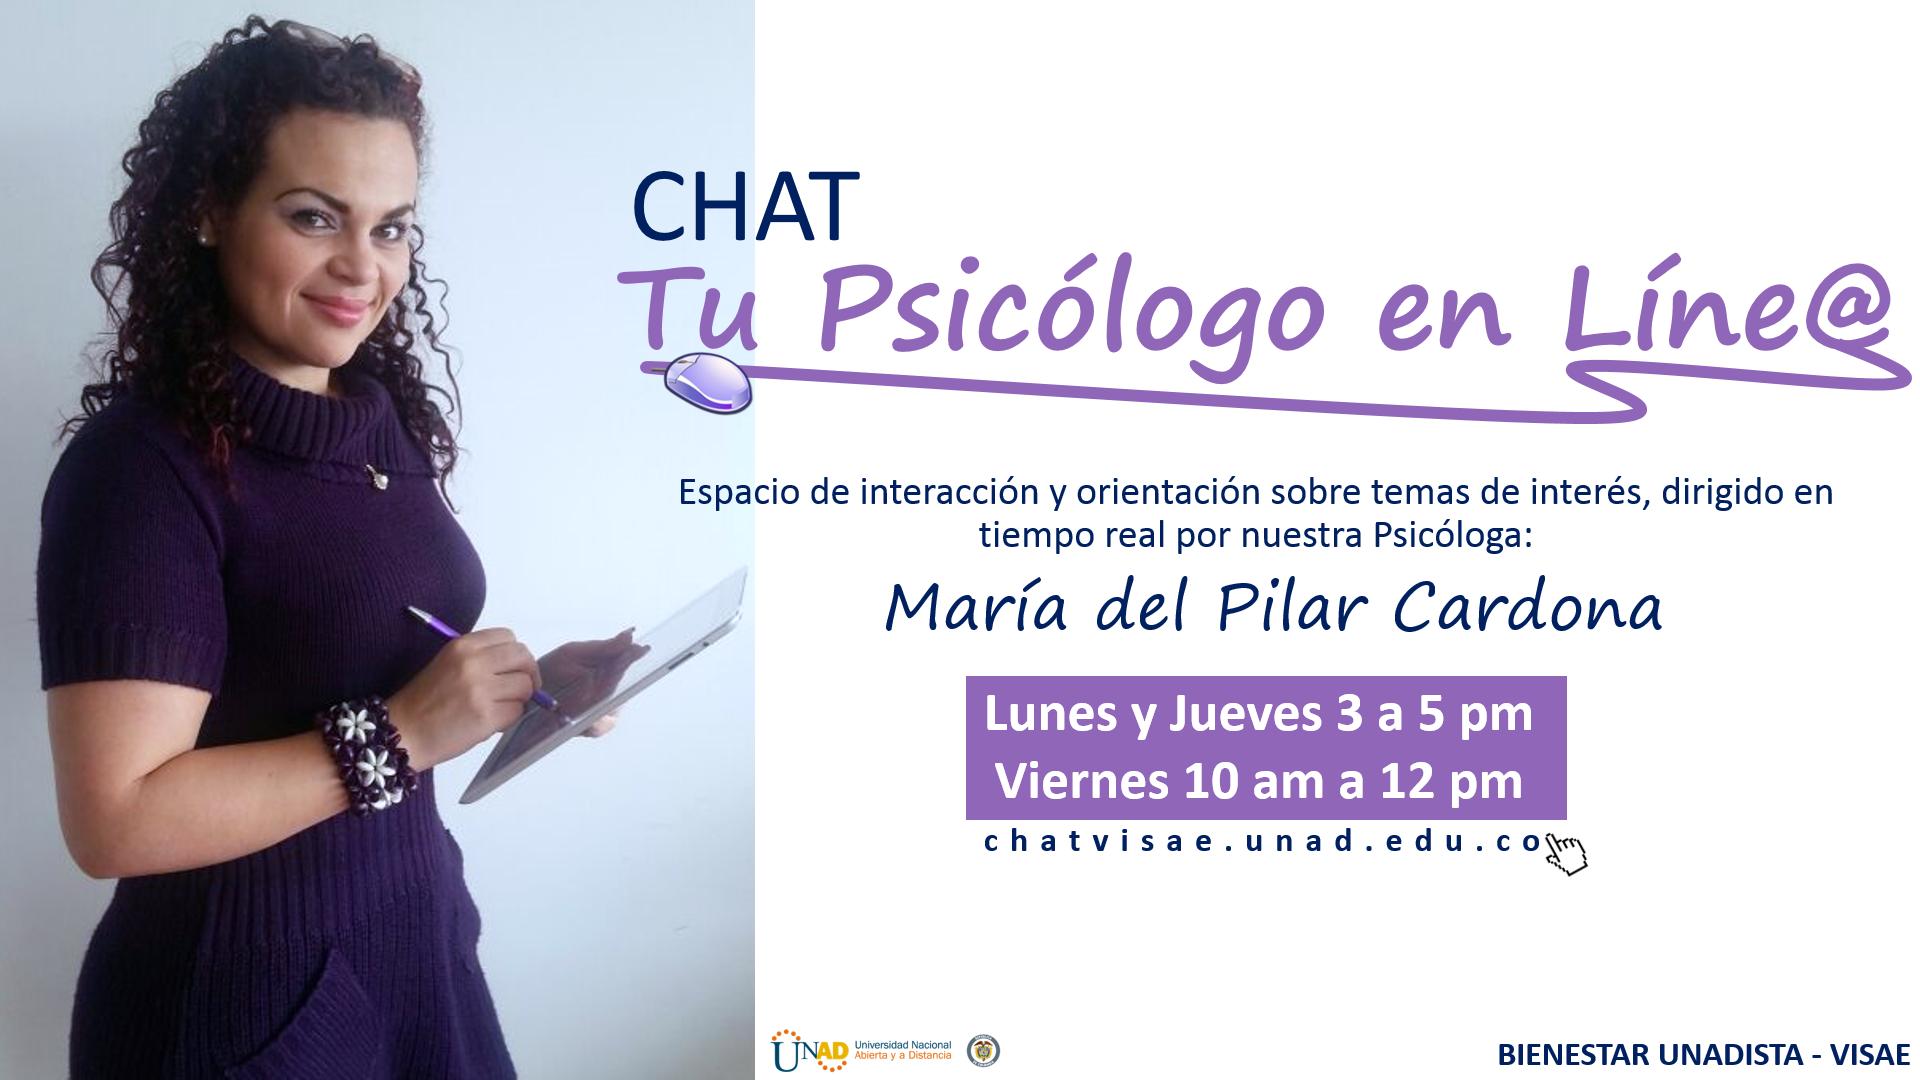 Acceso Al Chat Del Psicólogo En Línea Consulte Más Información De Los Nodos Nodosvirtuales Unad Edu Co